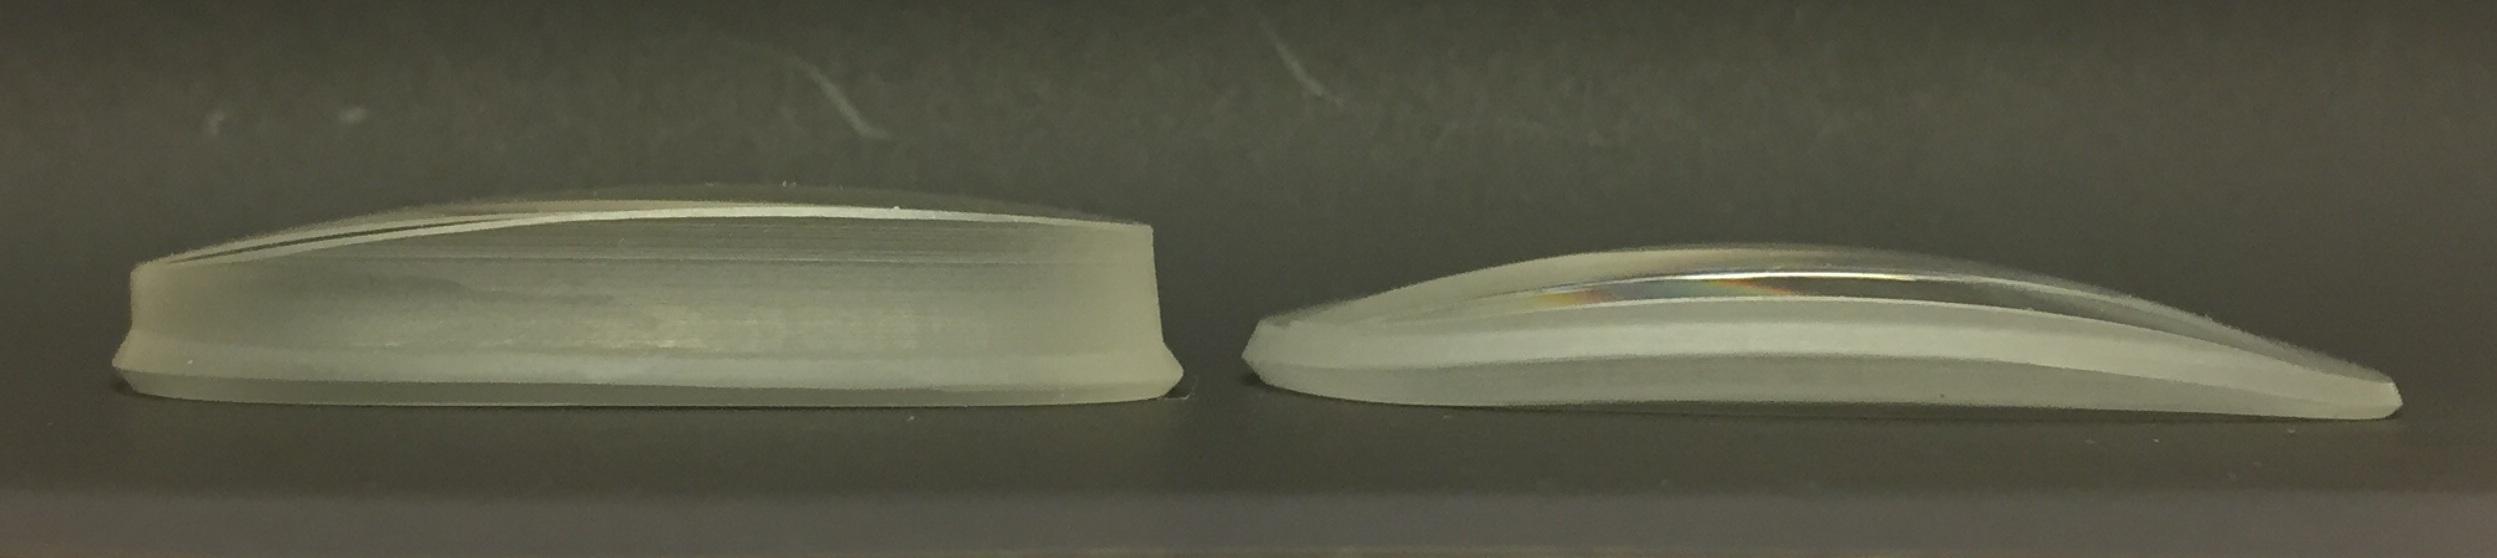 EX(エグゼクティブ)レンズ と 二重焦点レンズについて_e0200978_1515394.jpg